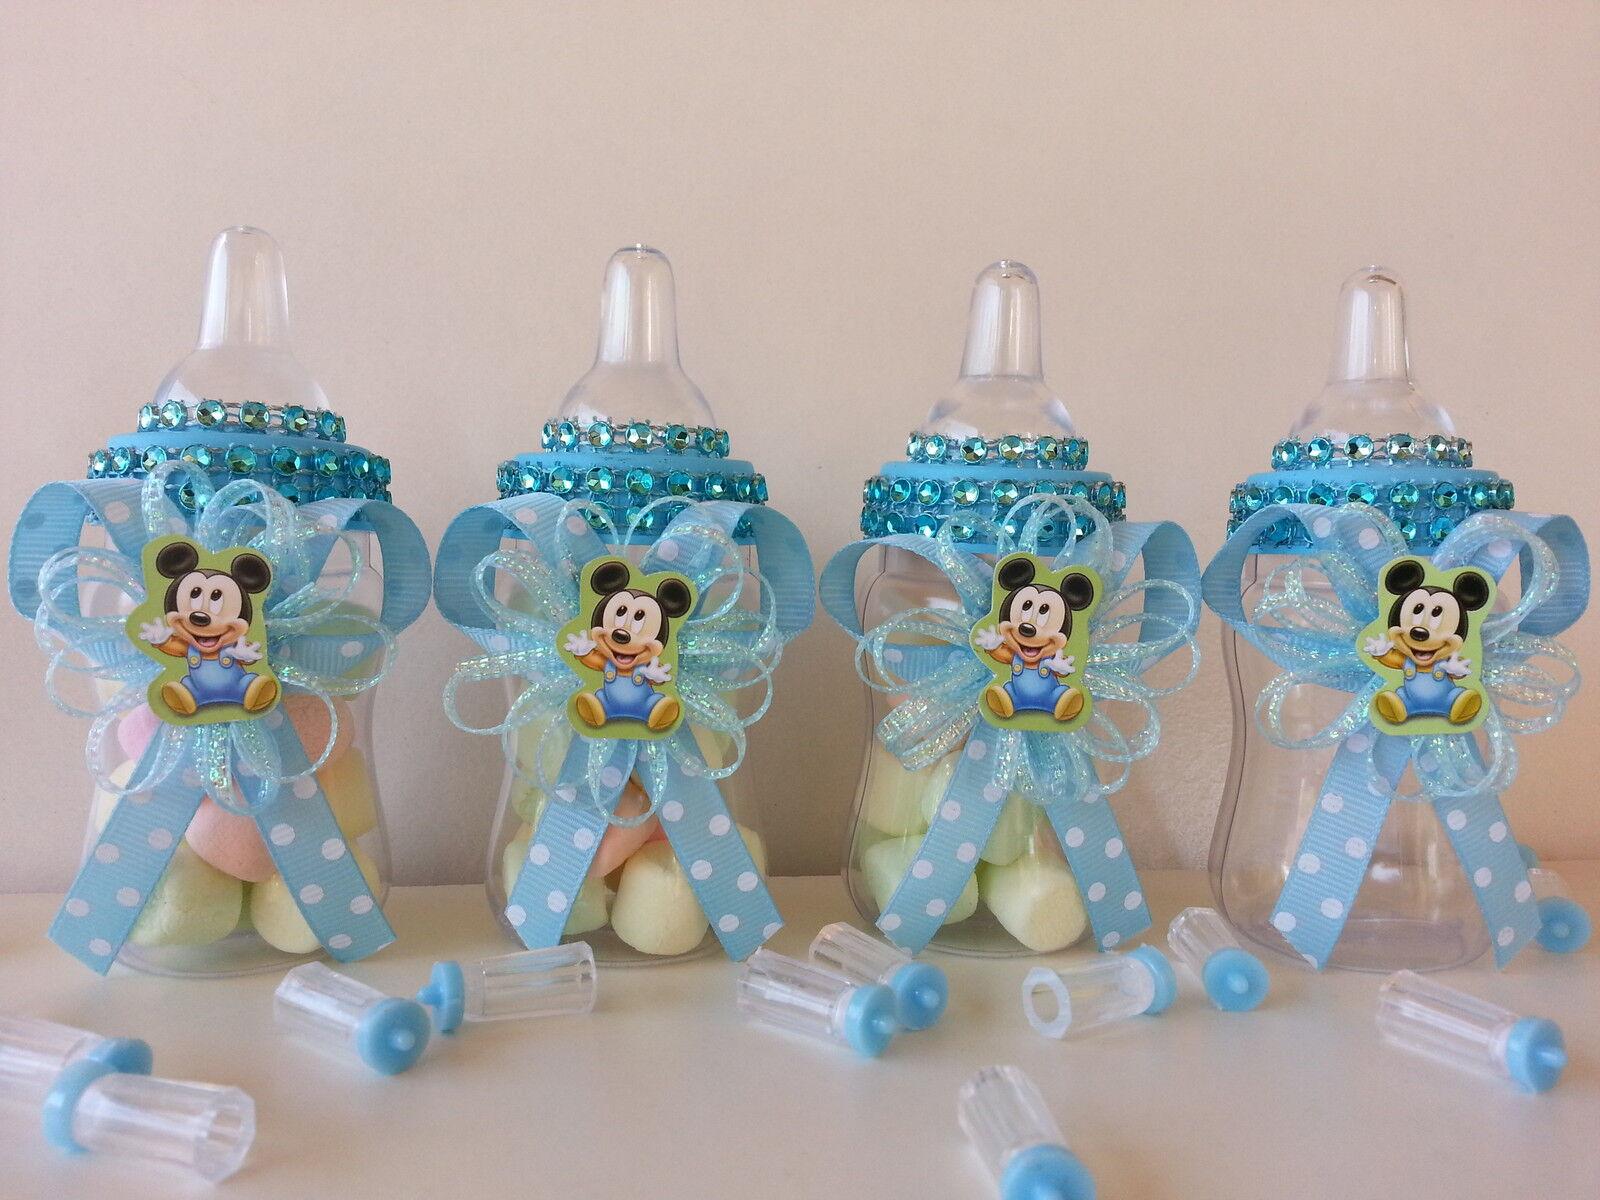 Set of 12 Baby Shower Favor4 oz SoyCandle FavorMap Party FavorGirl Baby ShowerBoy Baby ShowerUnique Shower FavorLight up World